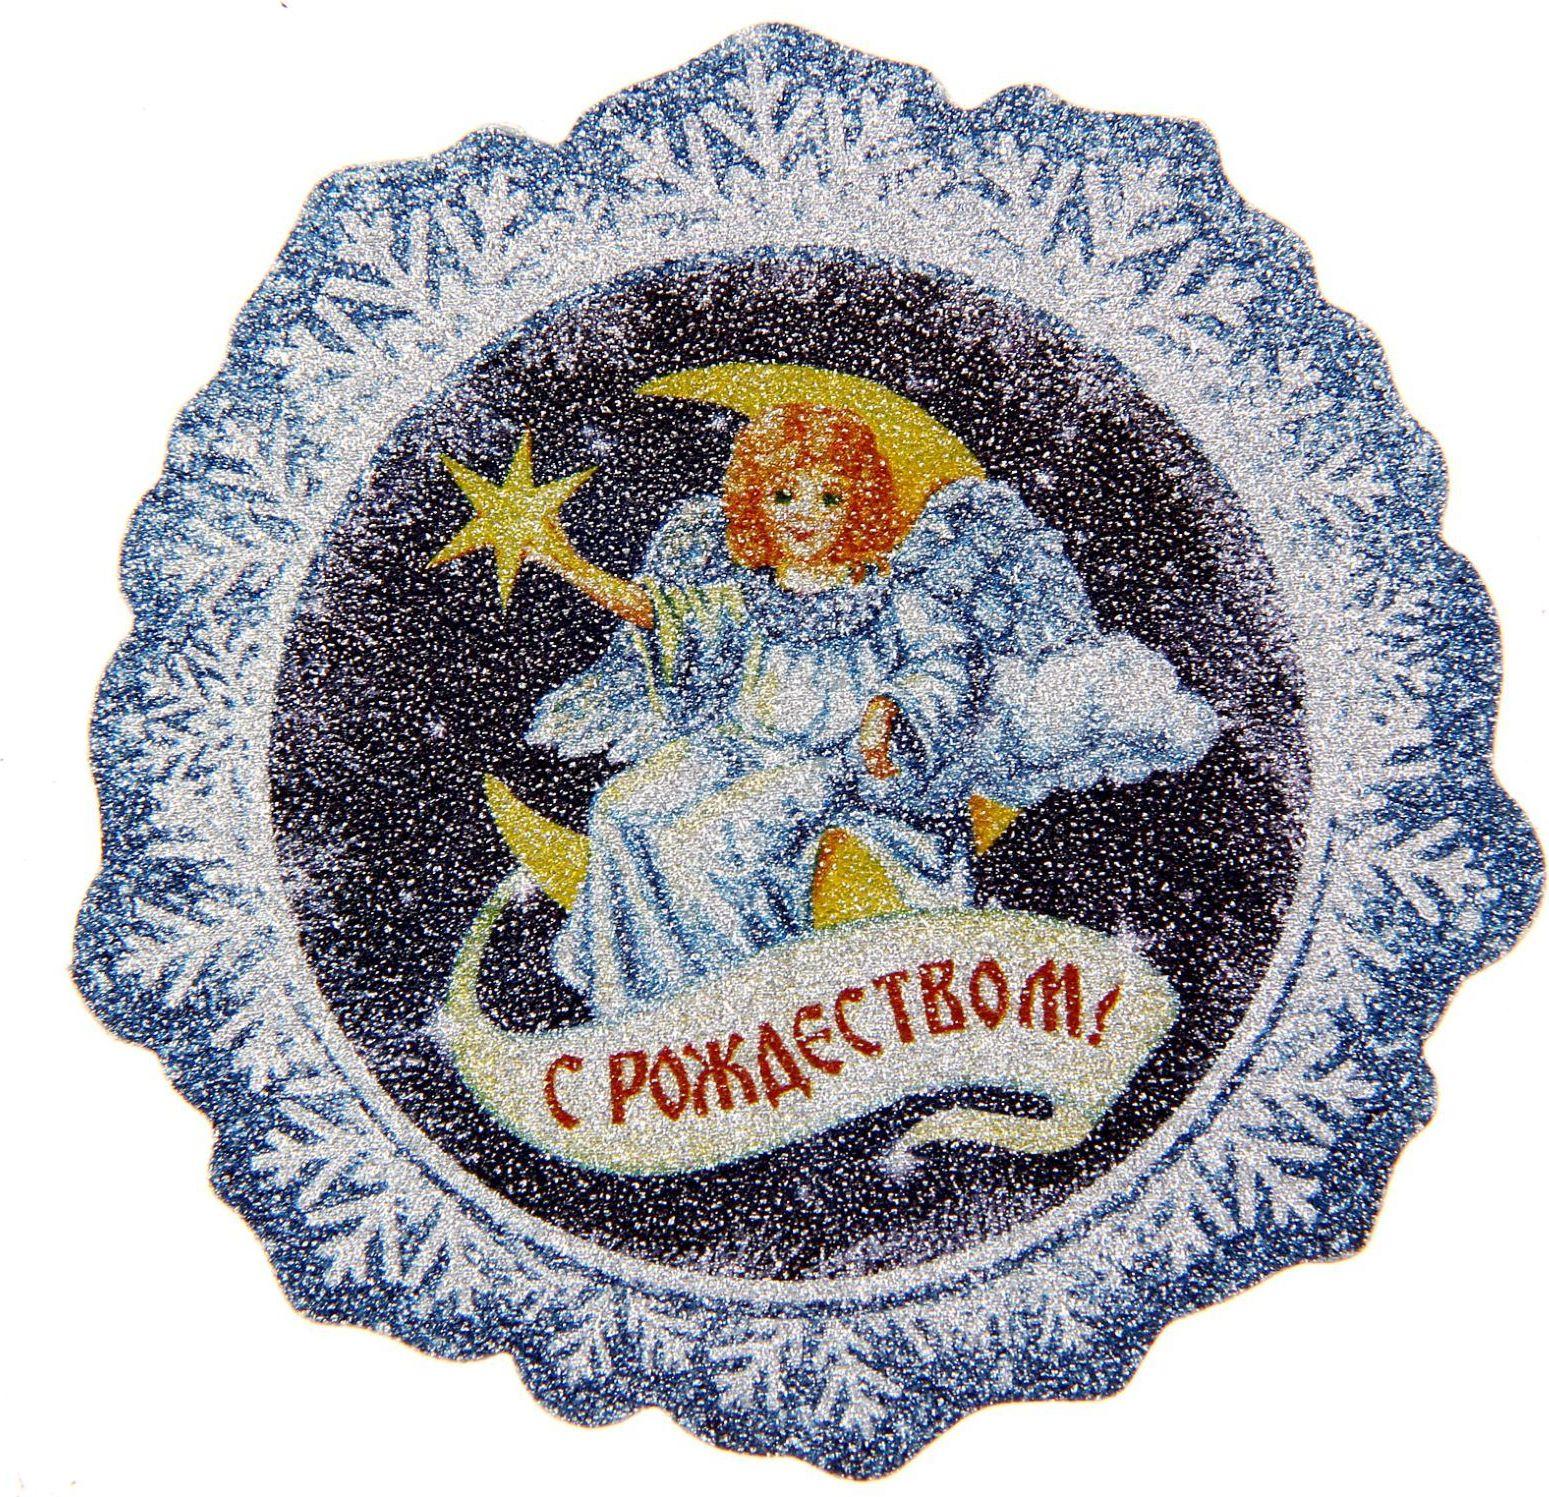 Магнит Sima-land Снежинка. Ангел в ночном небе, 7 х 7 см1382051Порадуйте родных и близких оригинальным сувениром: преподнесите в подарок магнит. С ним даже самый серьёзный человек почувствует себя ребёнком, ожидающим чудо! Создайте праздничное настроение, и оно останется с вами на весь год.